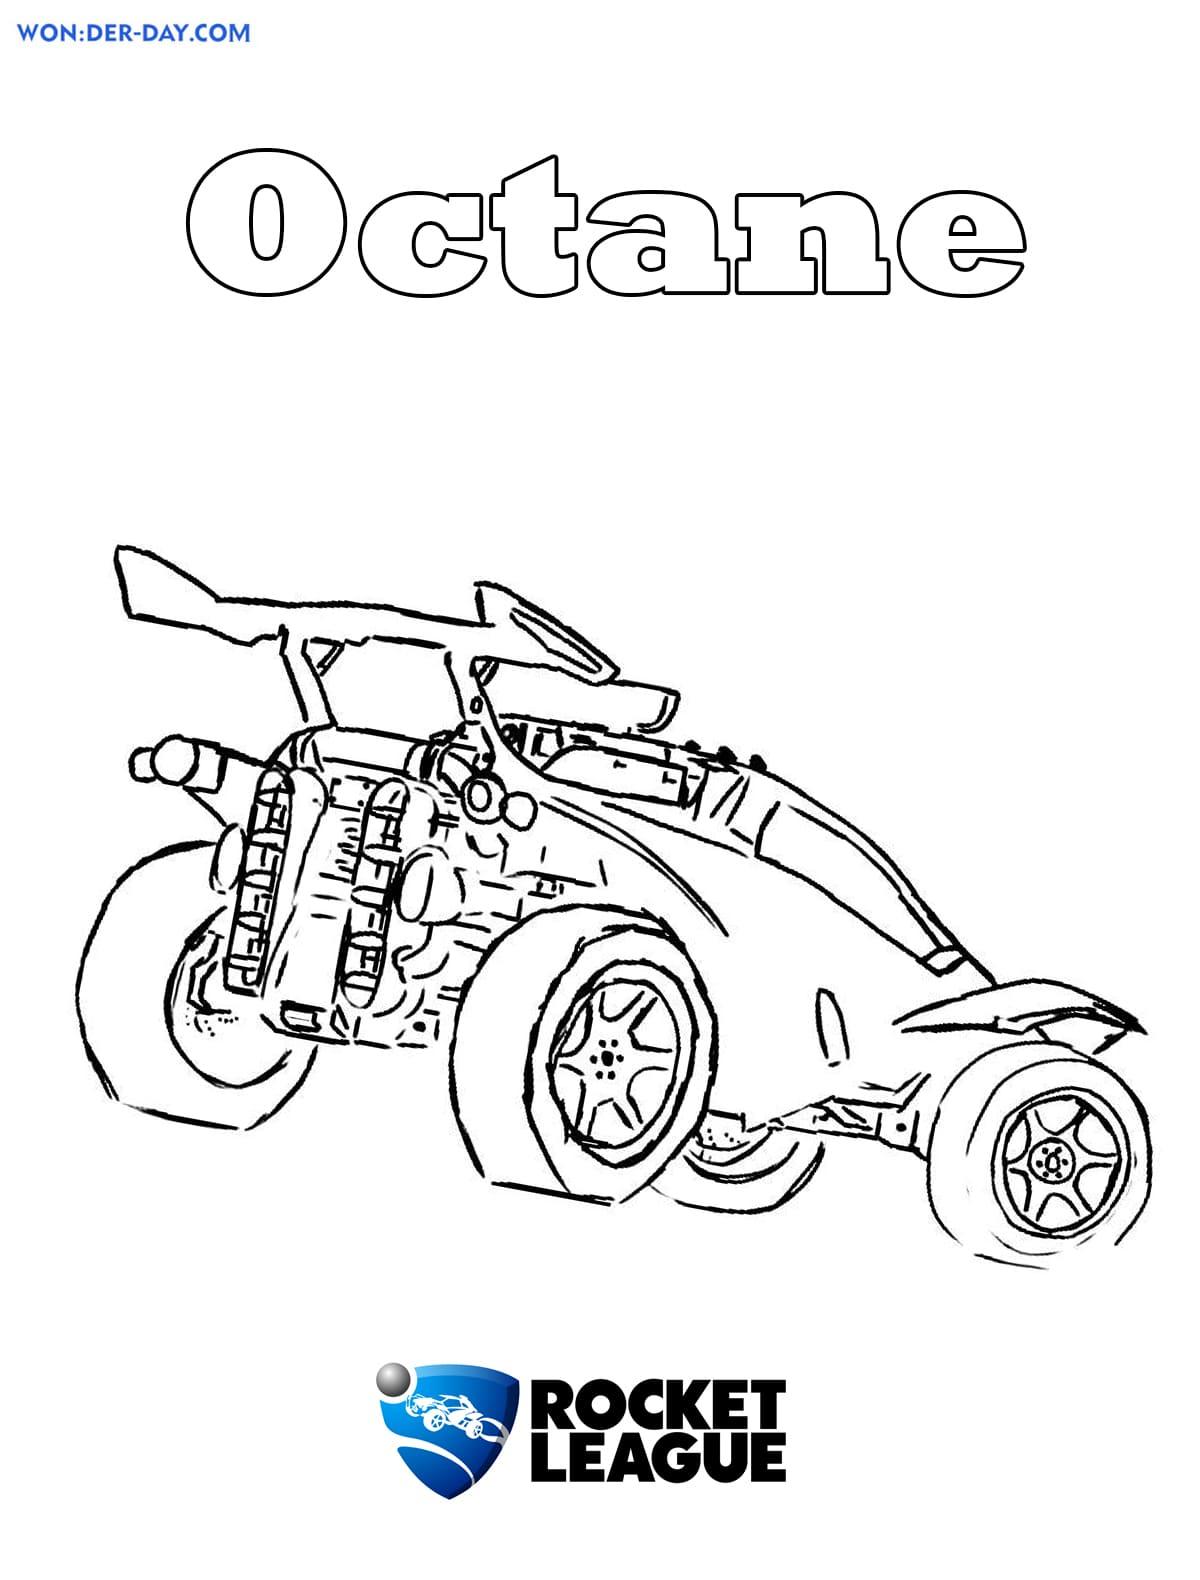 Rocket League Coloring Pages : rocket, league, coloring, pages, Rocket, League, Coloring, Pages, Print, WONDER